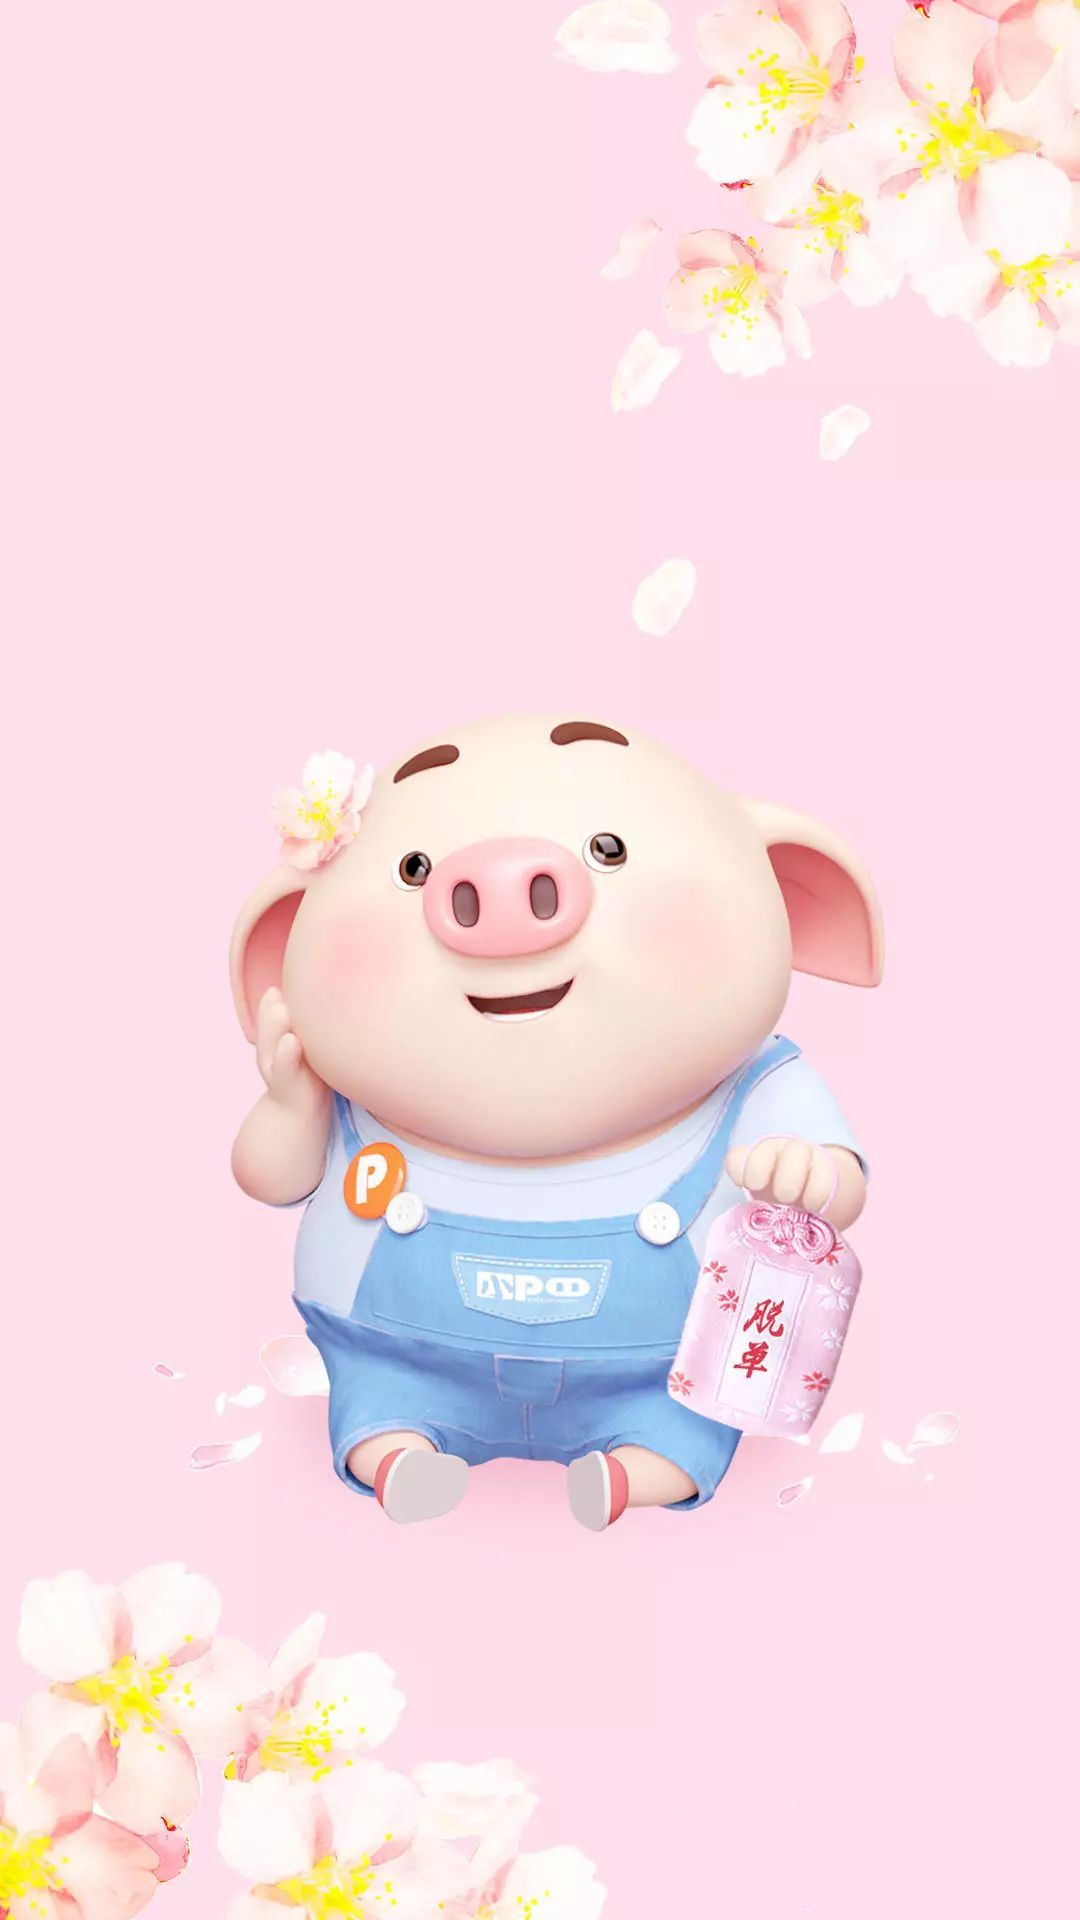 白菜和猪的情侣头像